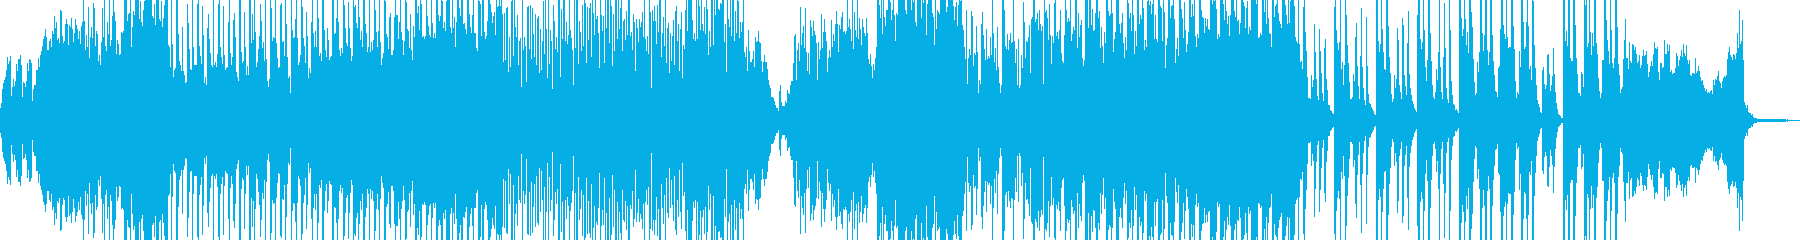 ホラー・怪談シーンに適したBGM 長尺の再生済みの波形